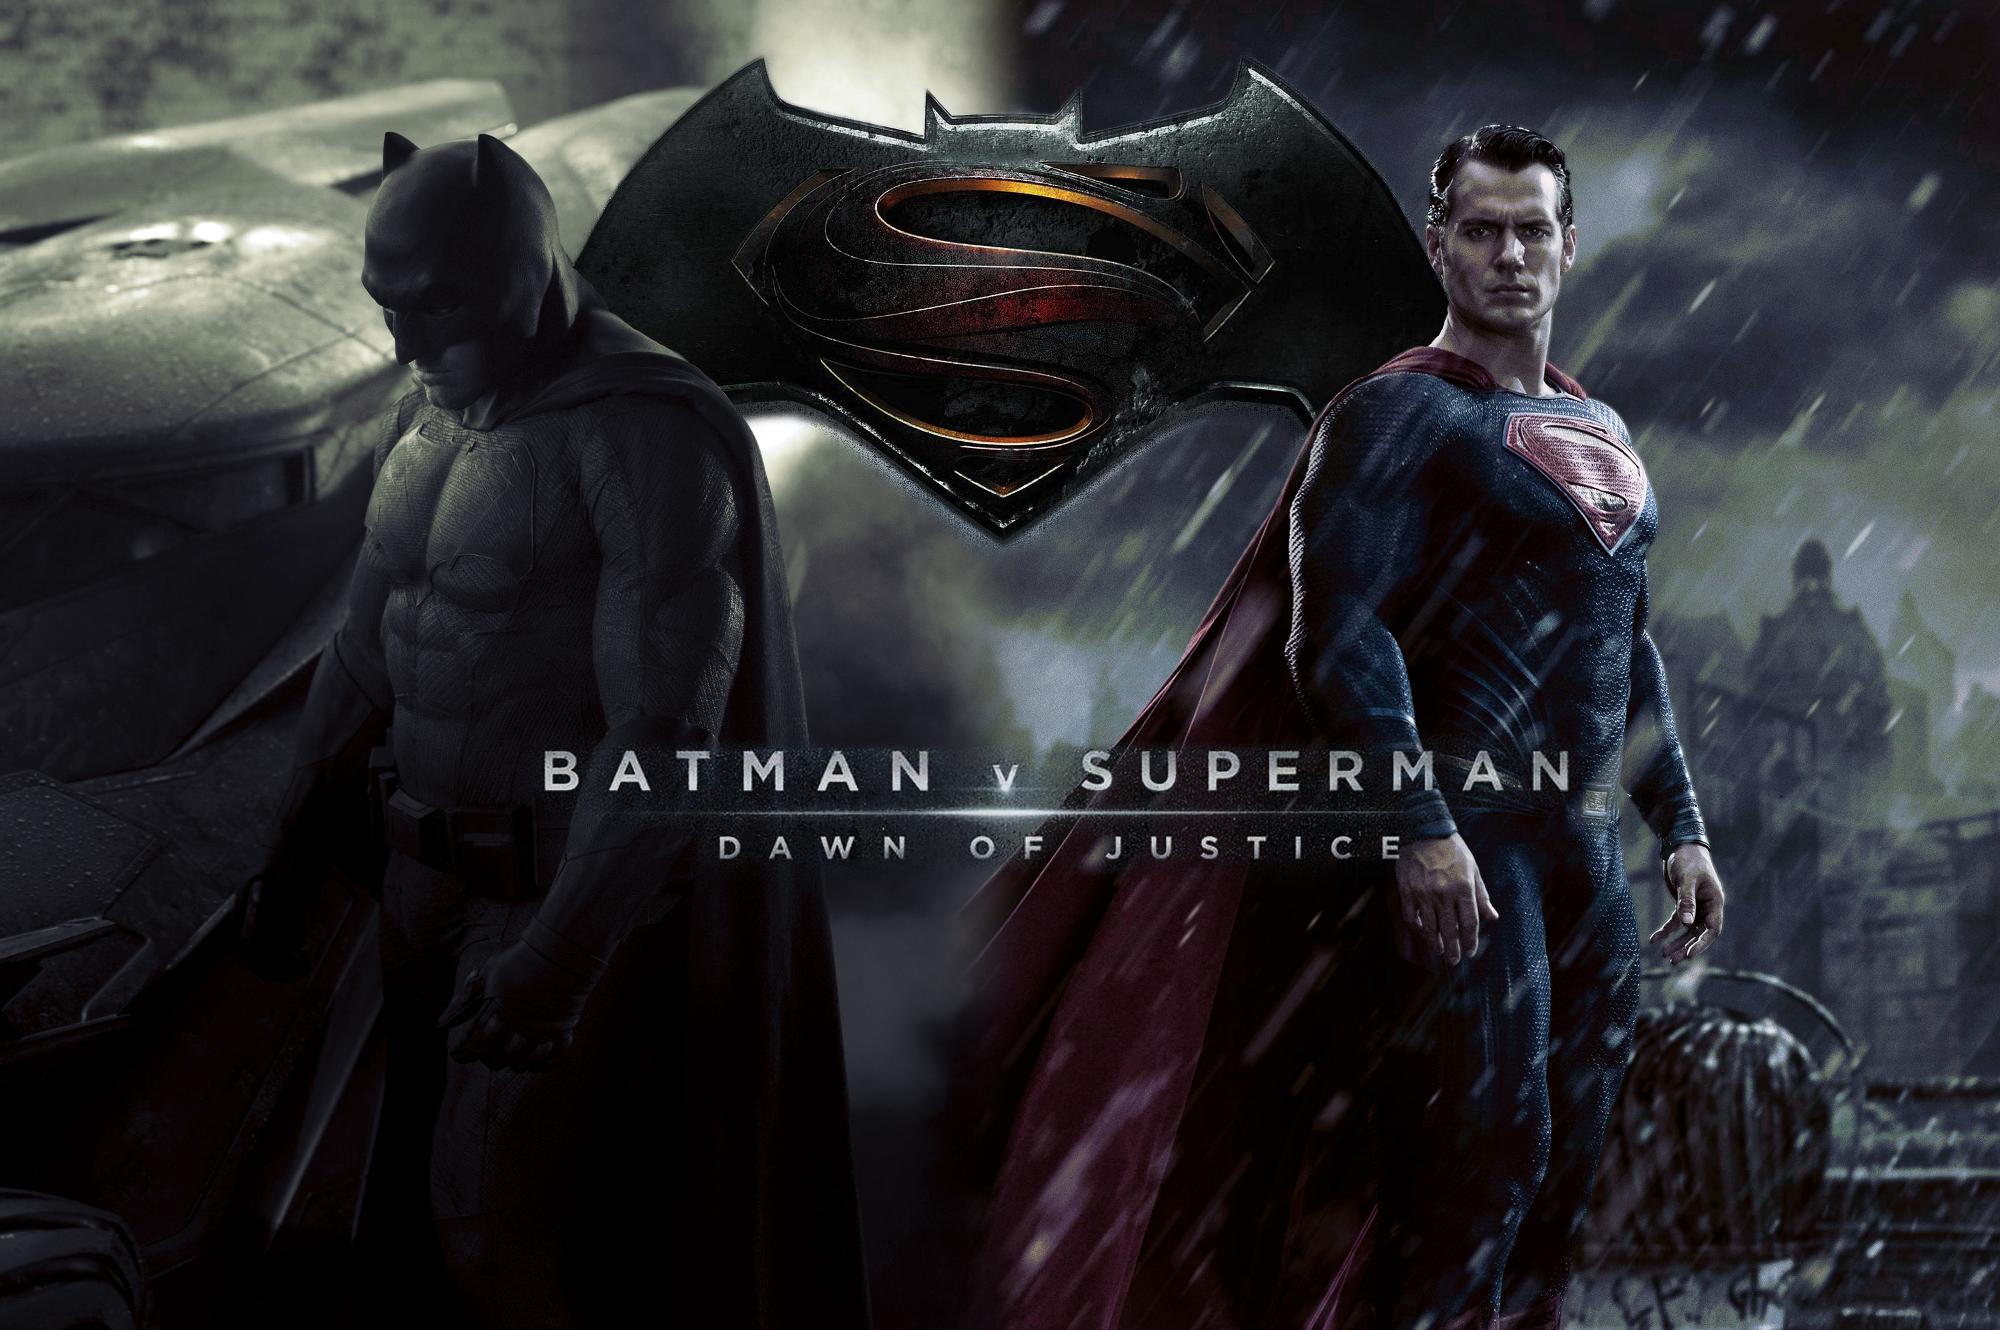 Batman Superman Pics, Comics Collection